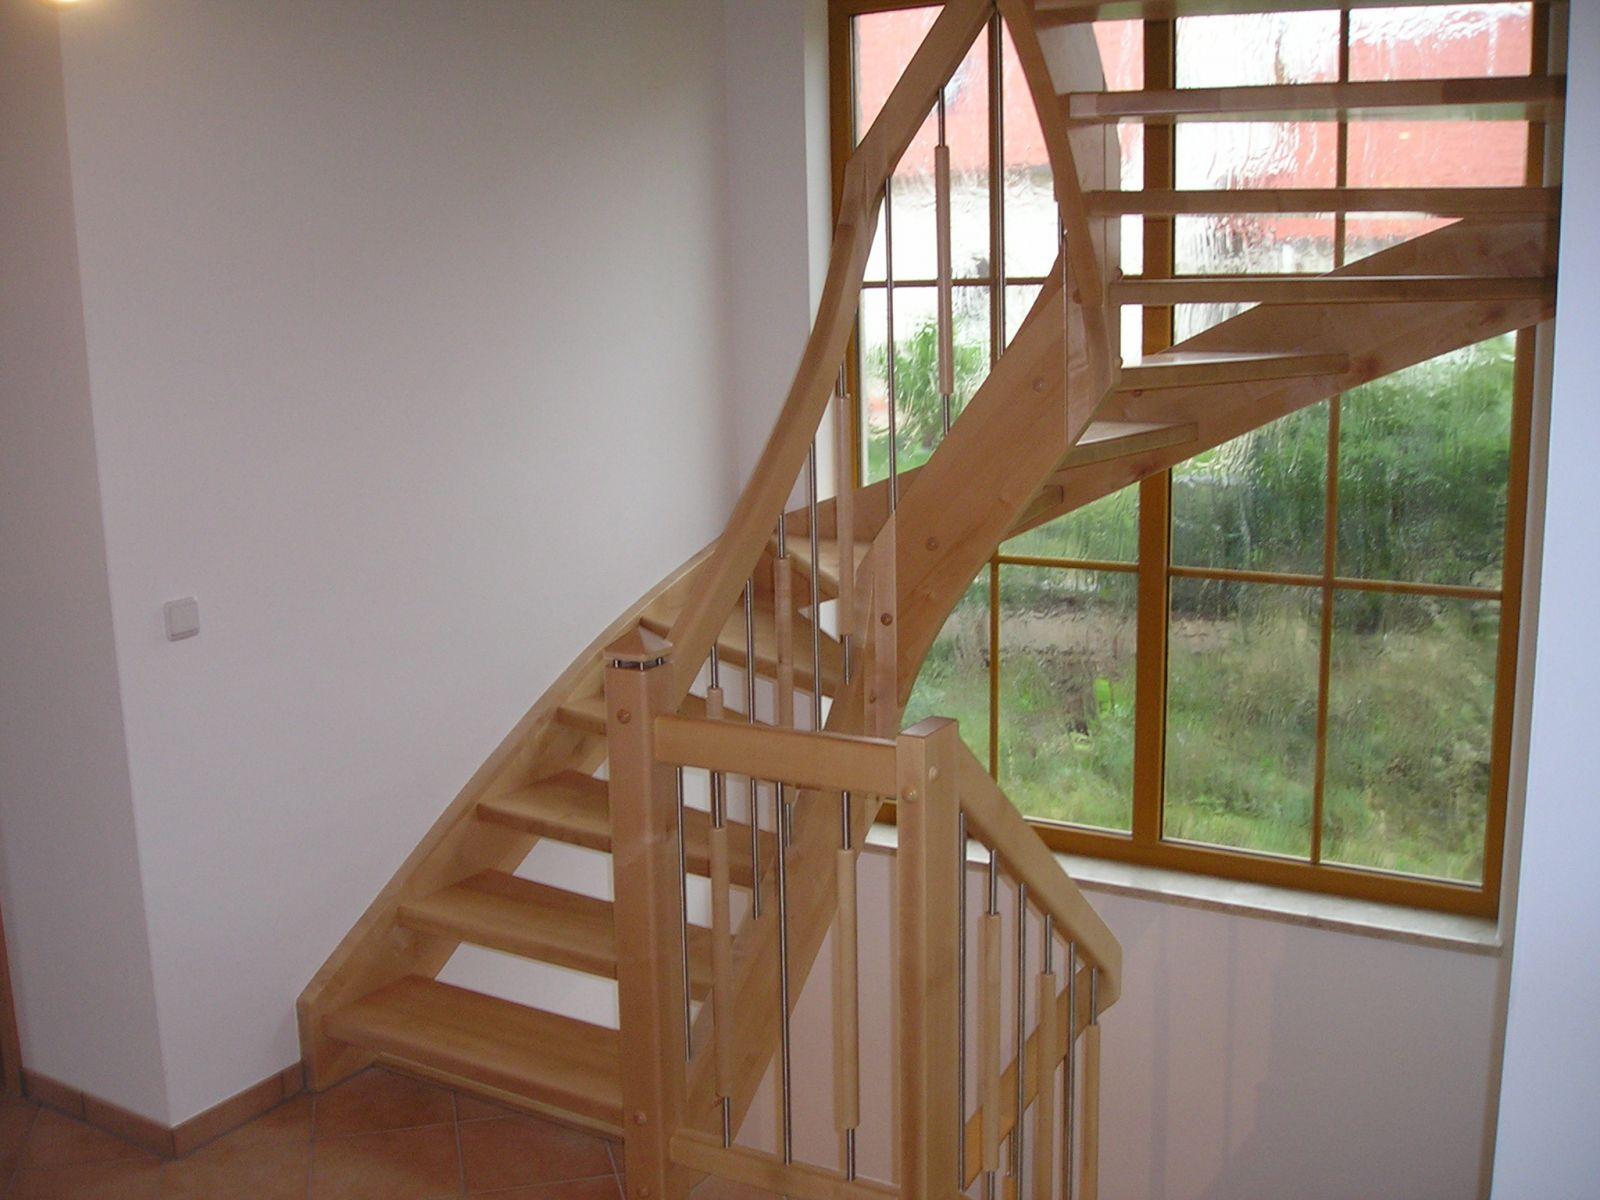 Halbgewendelte Treppe schreinerei weiß martinshöhe1 92277 hohenburg